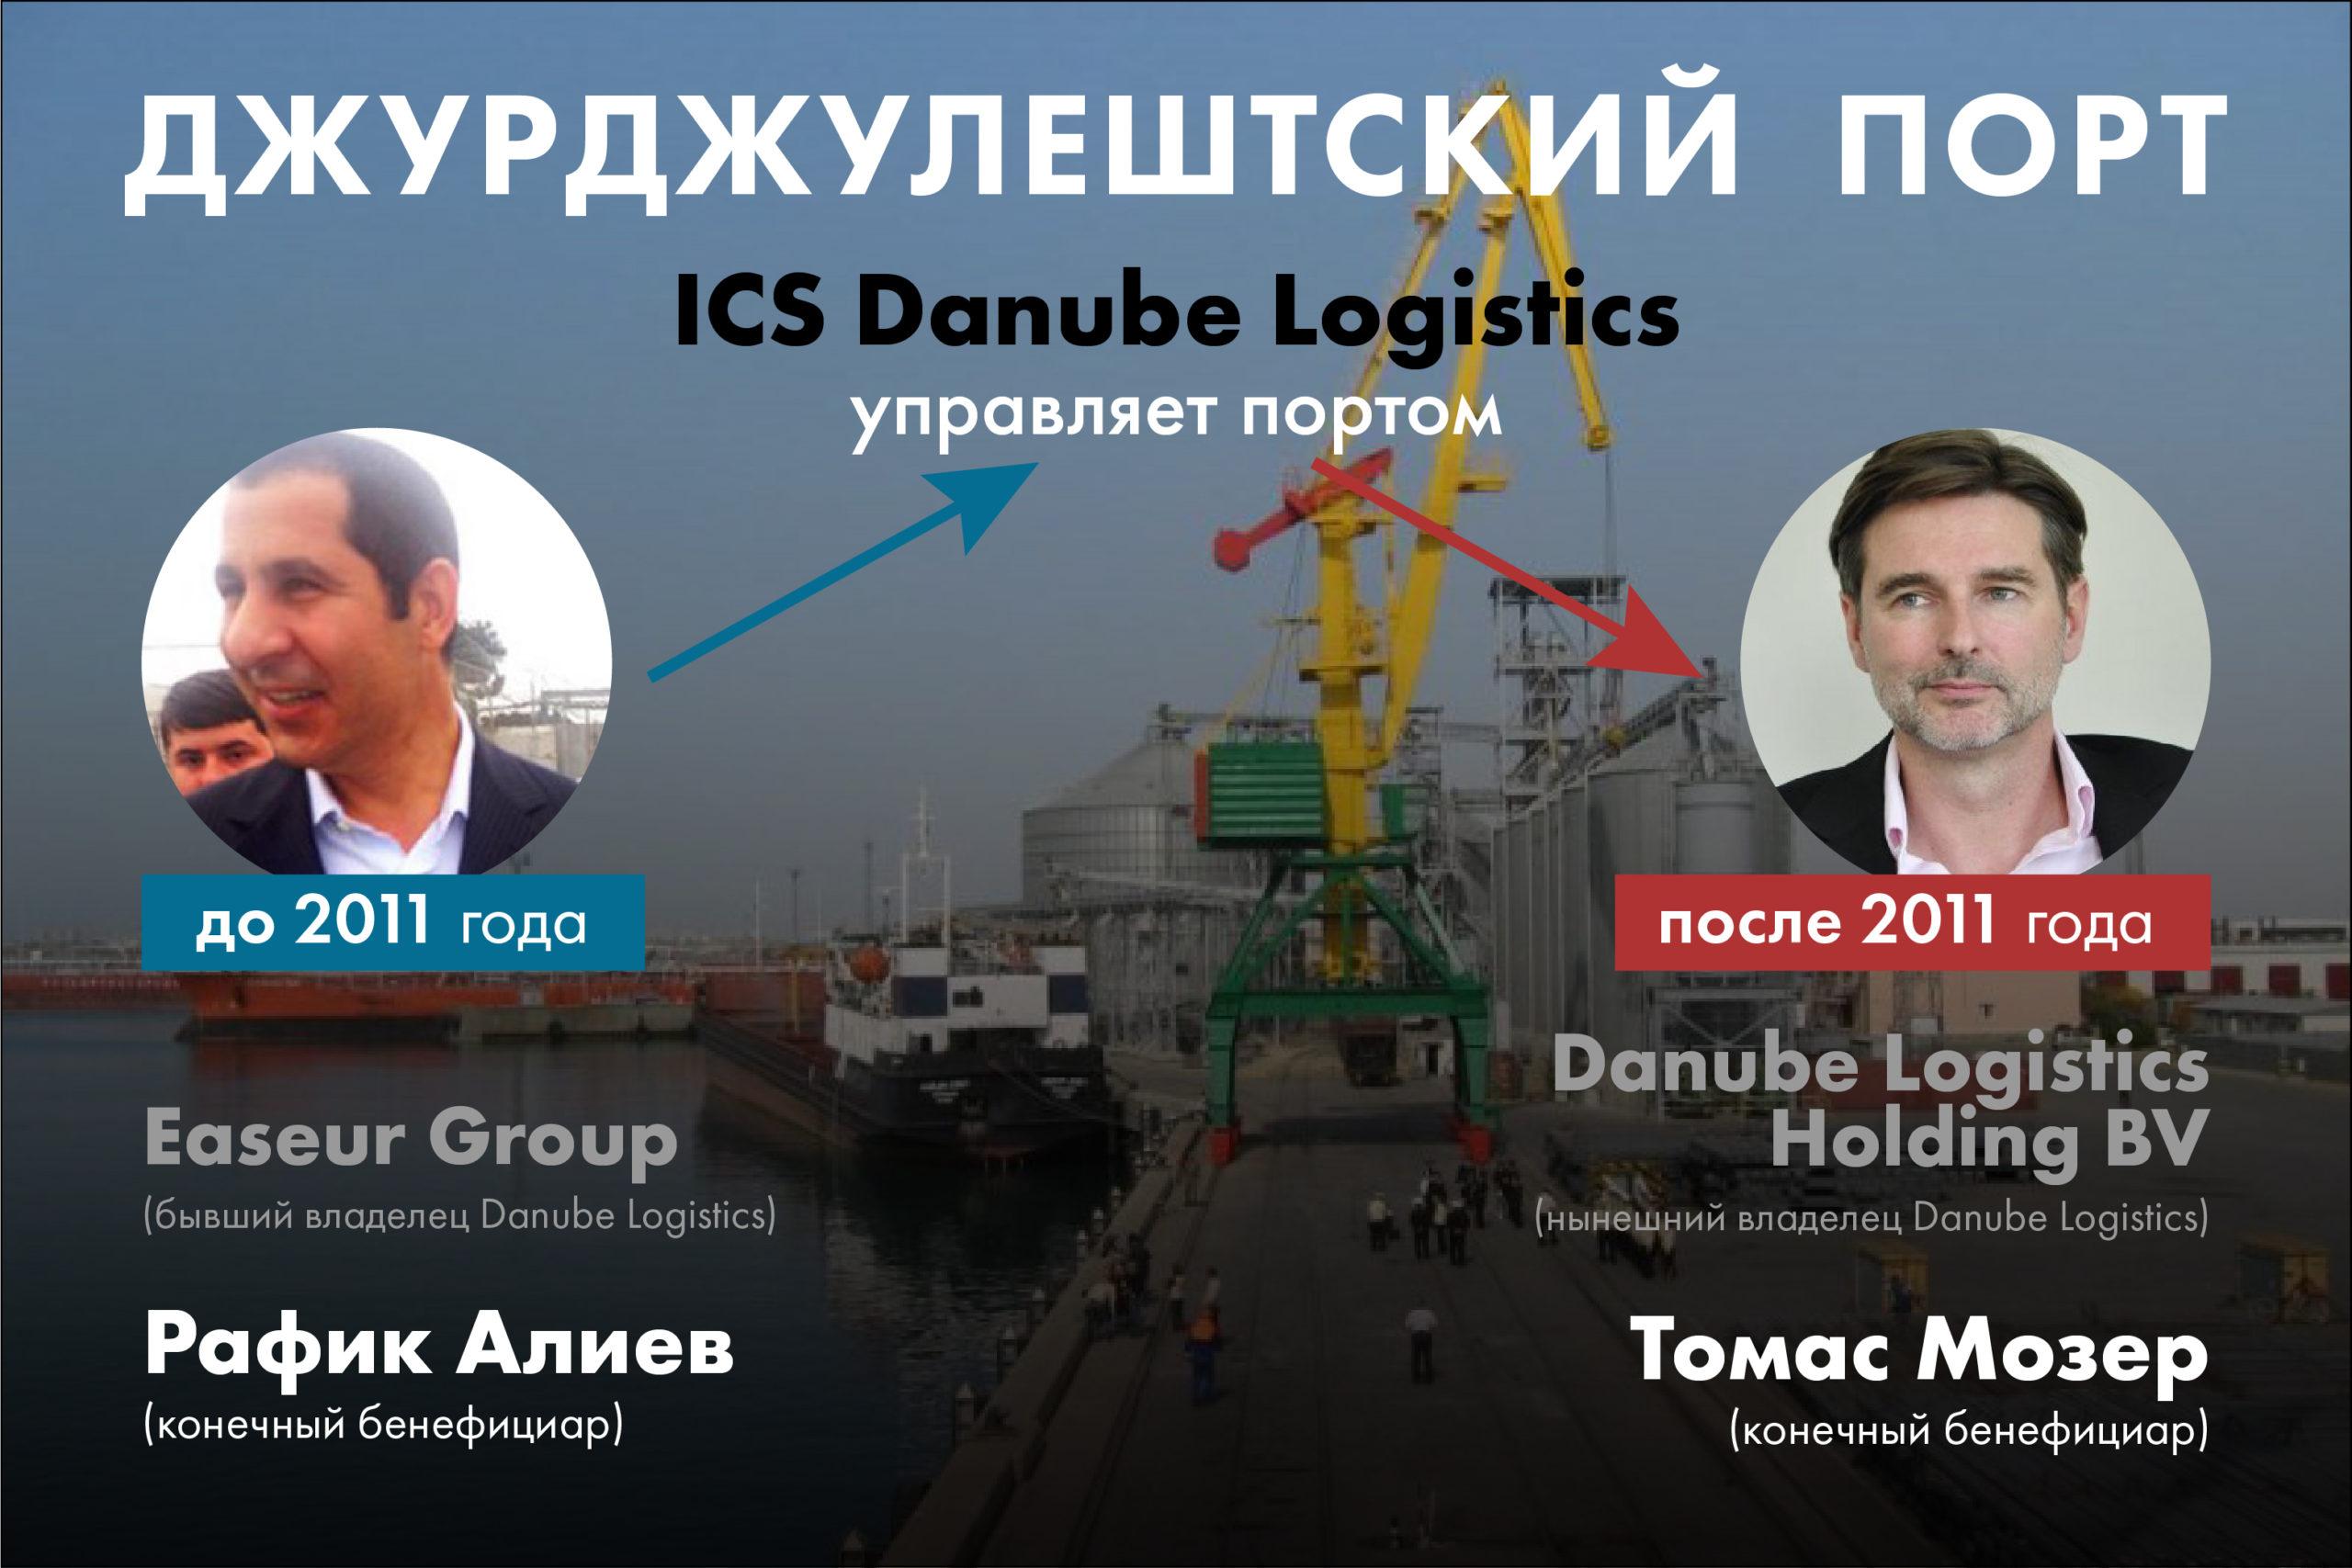 Вопрос портом. Почему не утихают споры вокруг Джурджулештского порта, ипри чем здесь ЕБРР